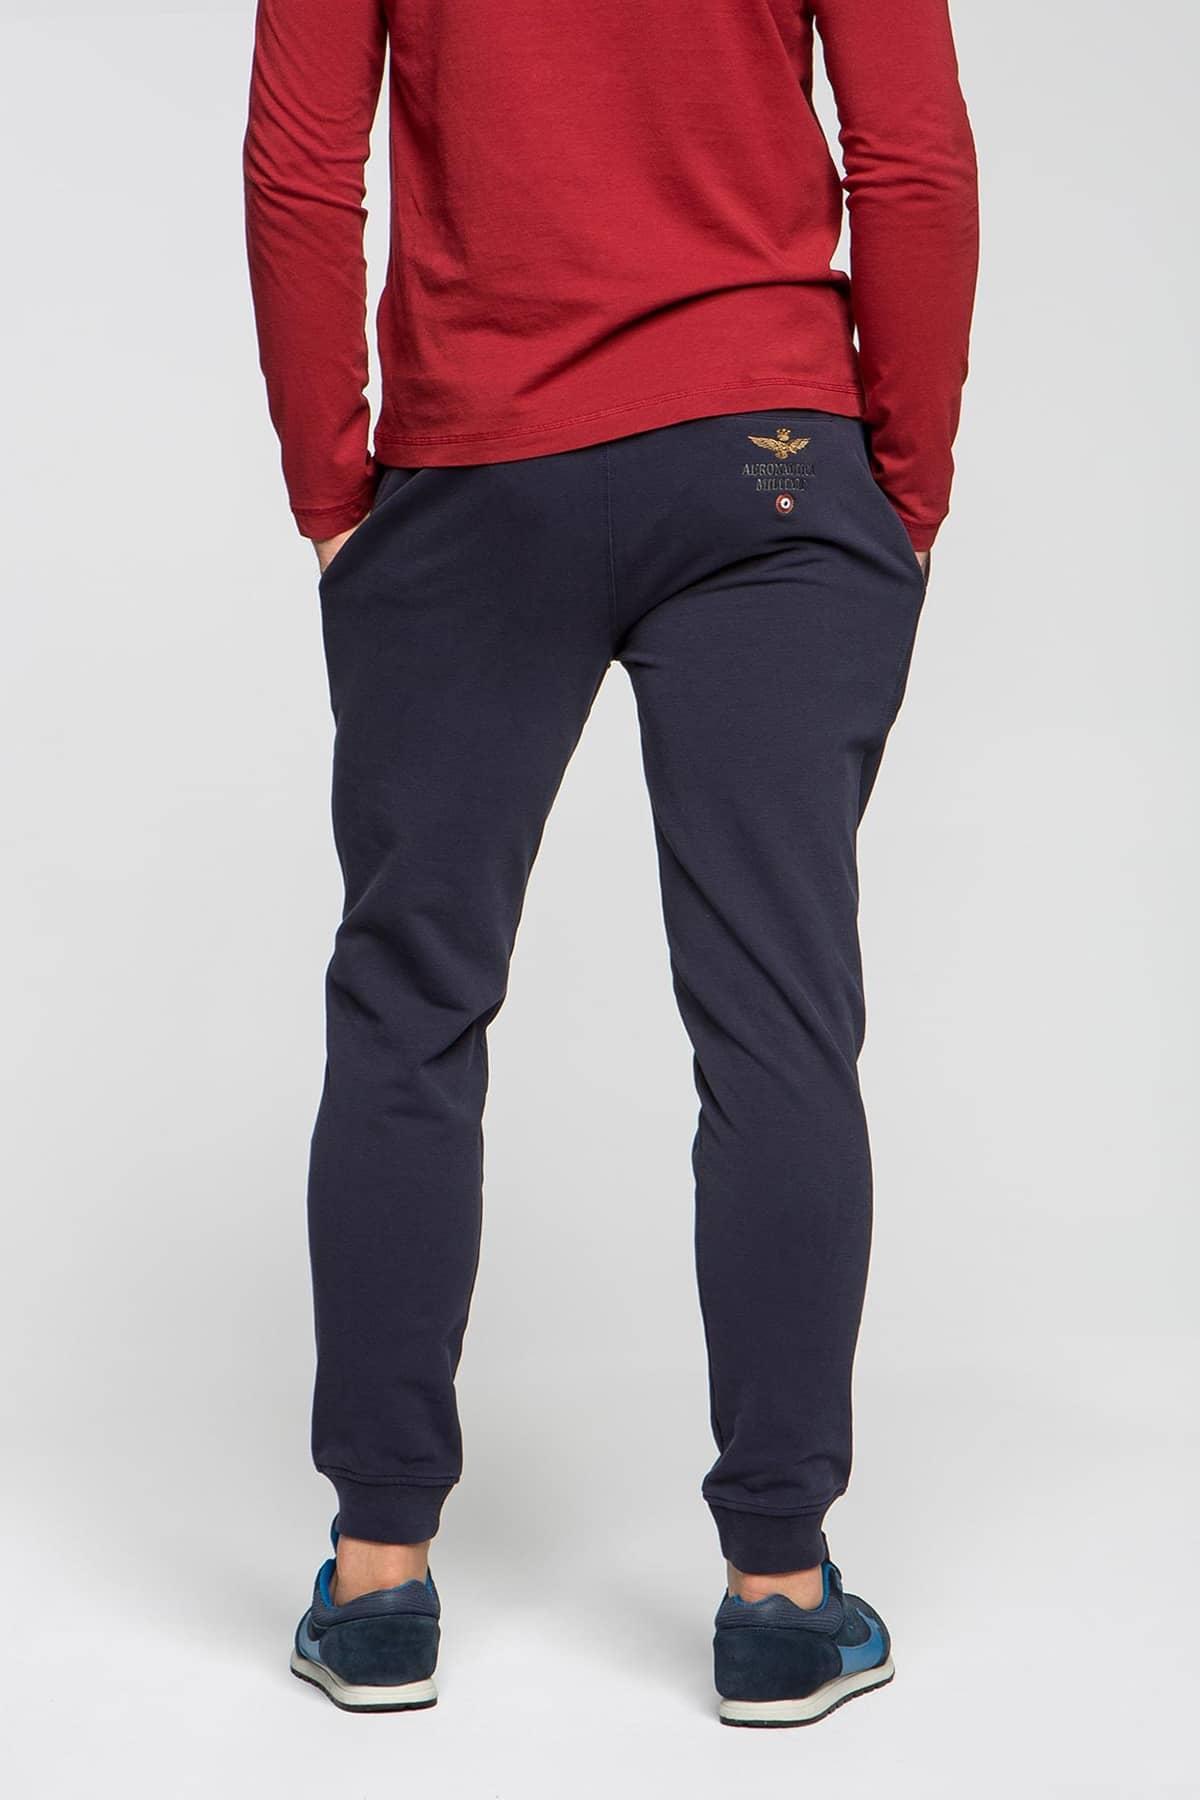 Vendita di liquidazione Promozione delle vendite la più grande selezione Aeronautica Militare Pantaloni tuta tinta unita elasticizzati